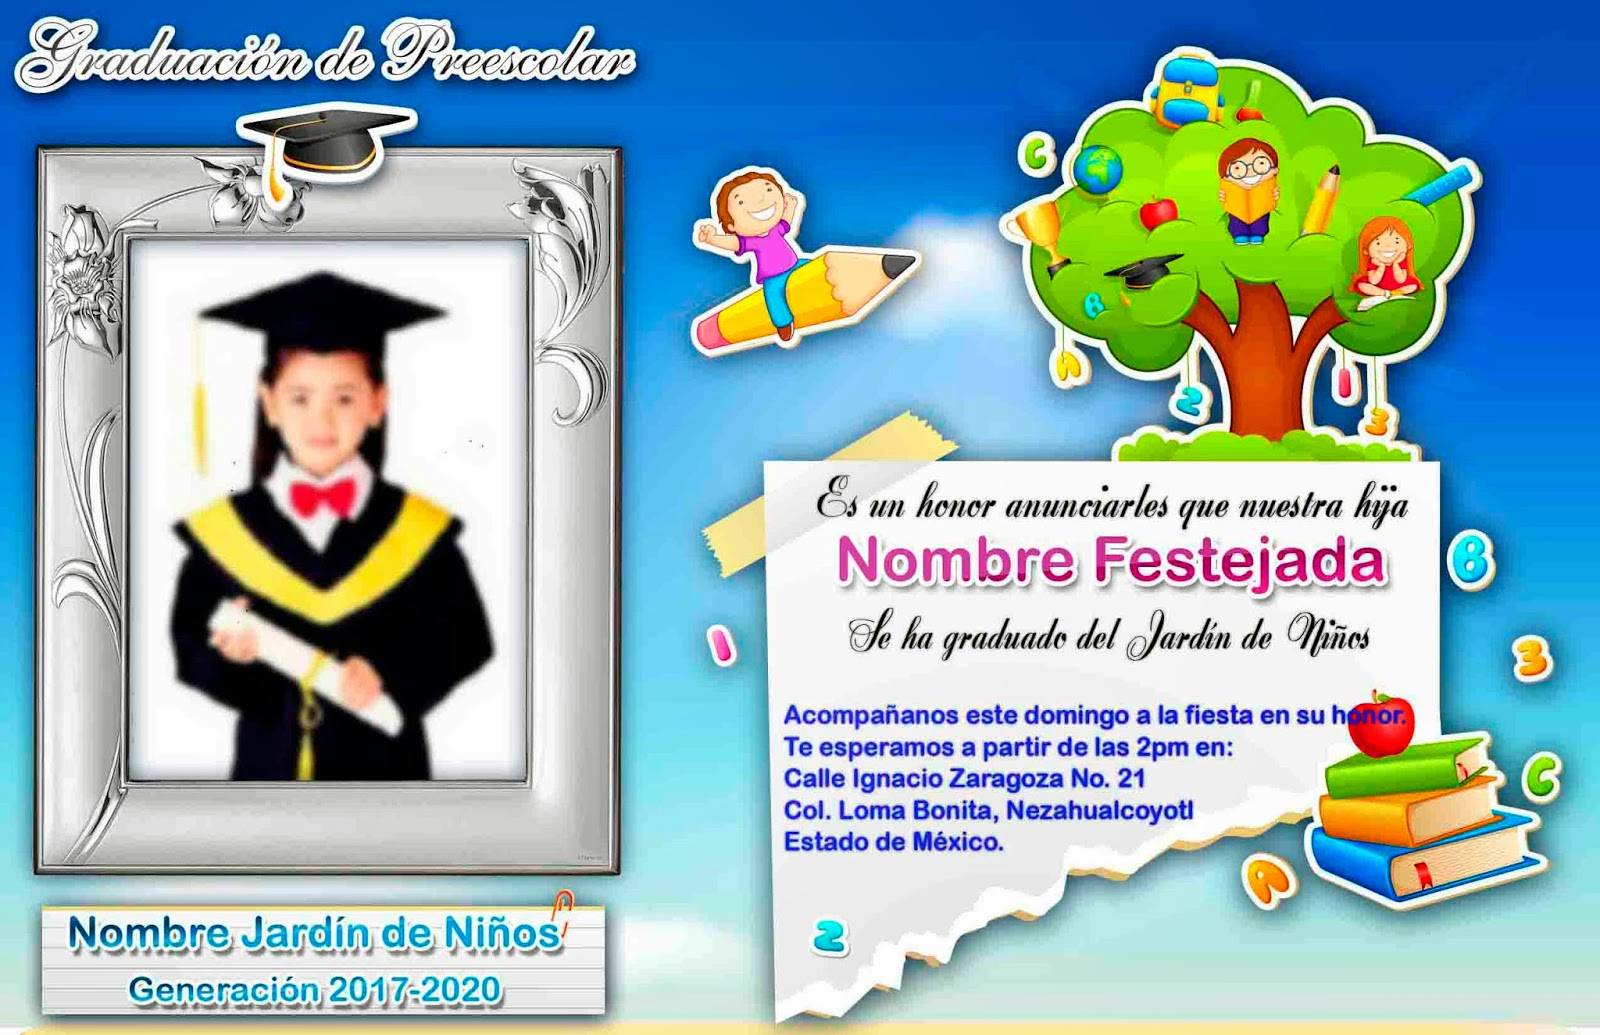 TARJETAS DE GRADUACION - TARJETAS EL SALVADOR - Holiday and Vacation